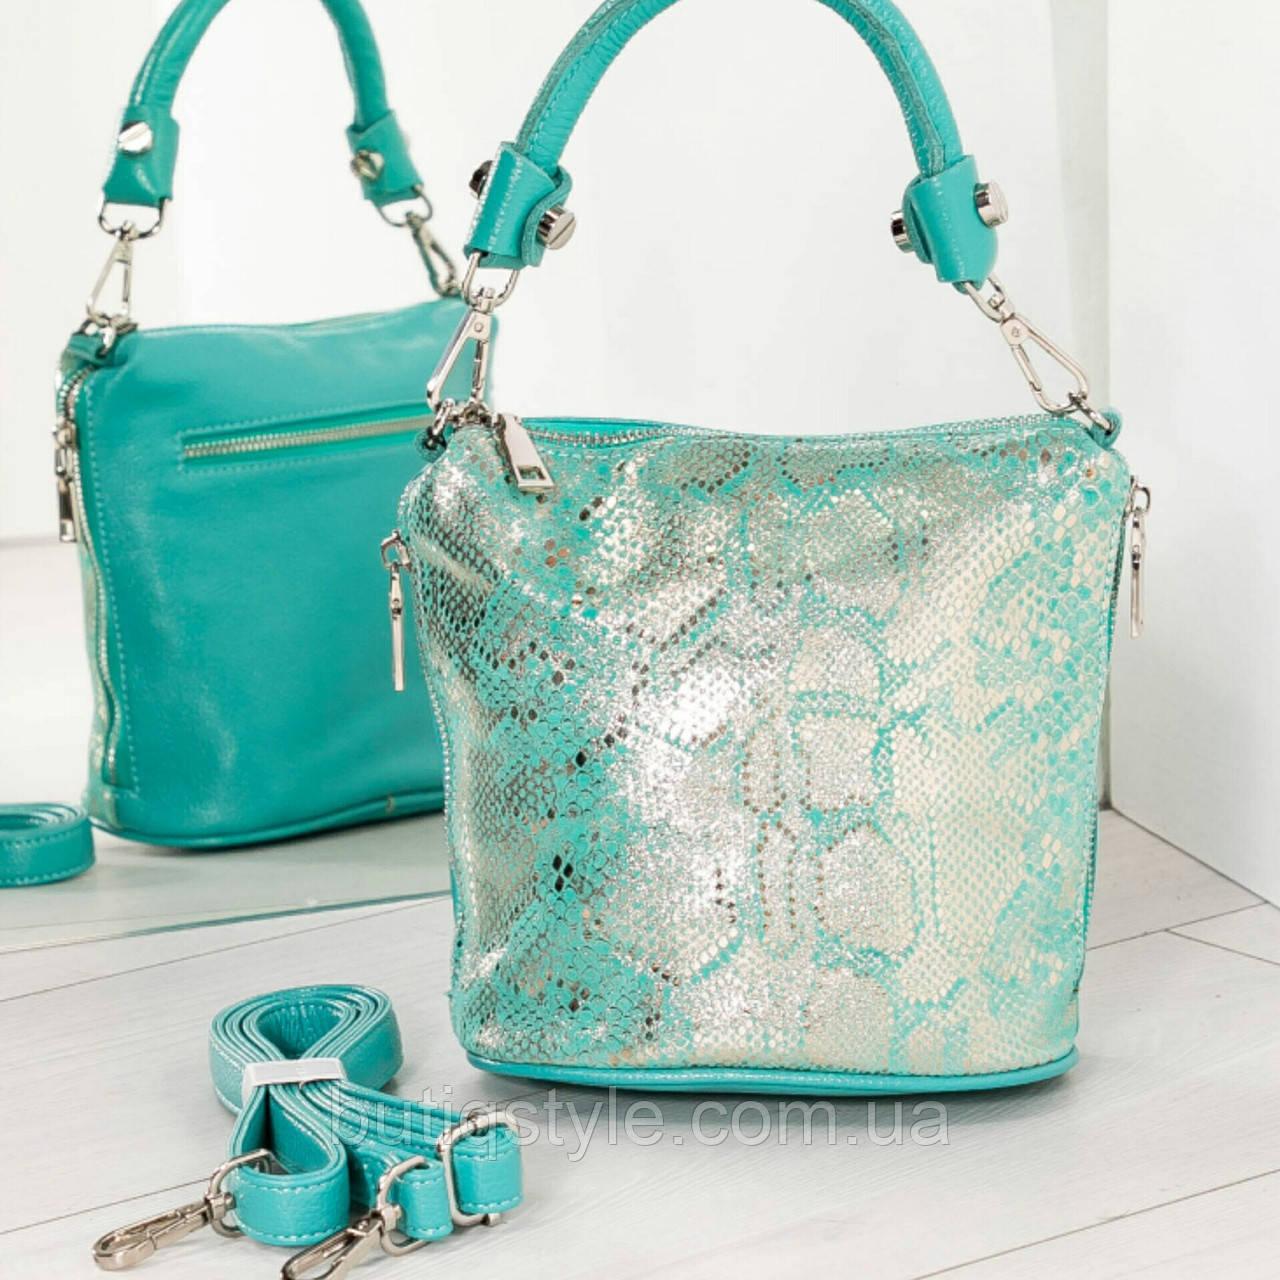 Женская сумка бирюза натуральная кожа